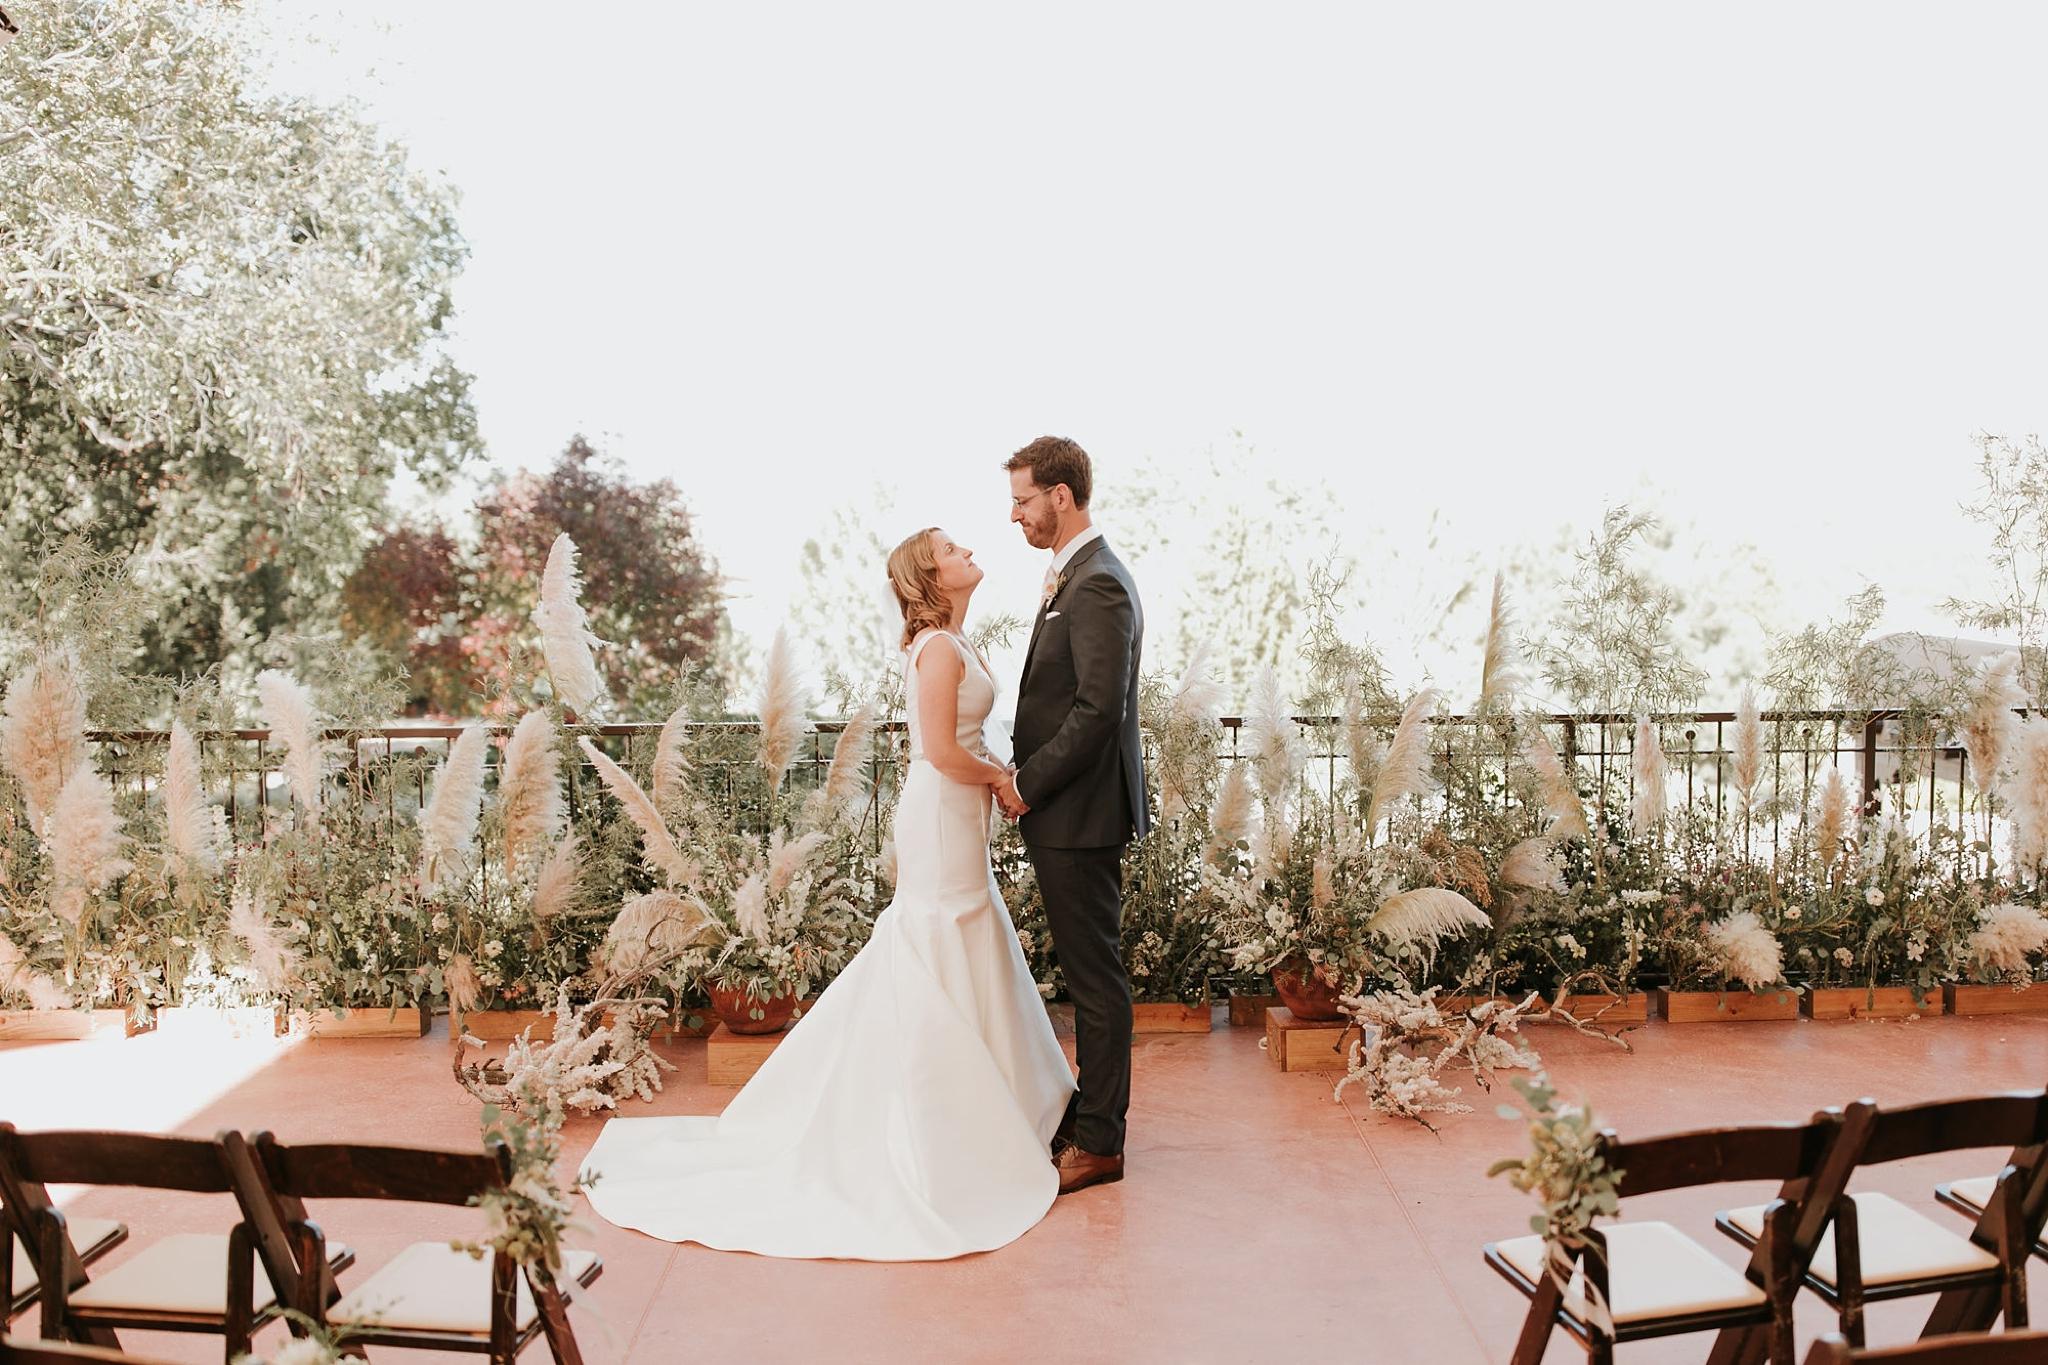 Alicia+lucia+photography+-+albuquerque+wedding+photographer+-+santa+fe+wedding+photography+-+new+mexico+wedding+photographer+-+new+mexico+wedding+-+wedding+photographer+-+wedding+photographer+team_0016.jpg